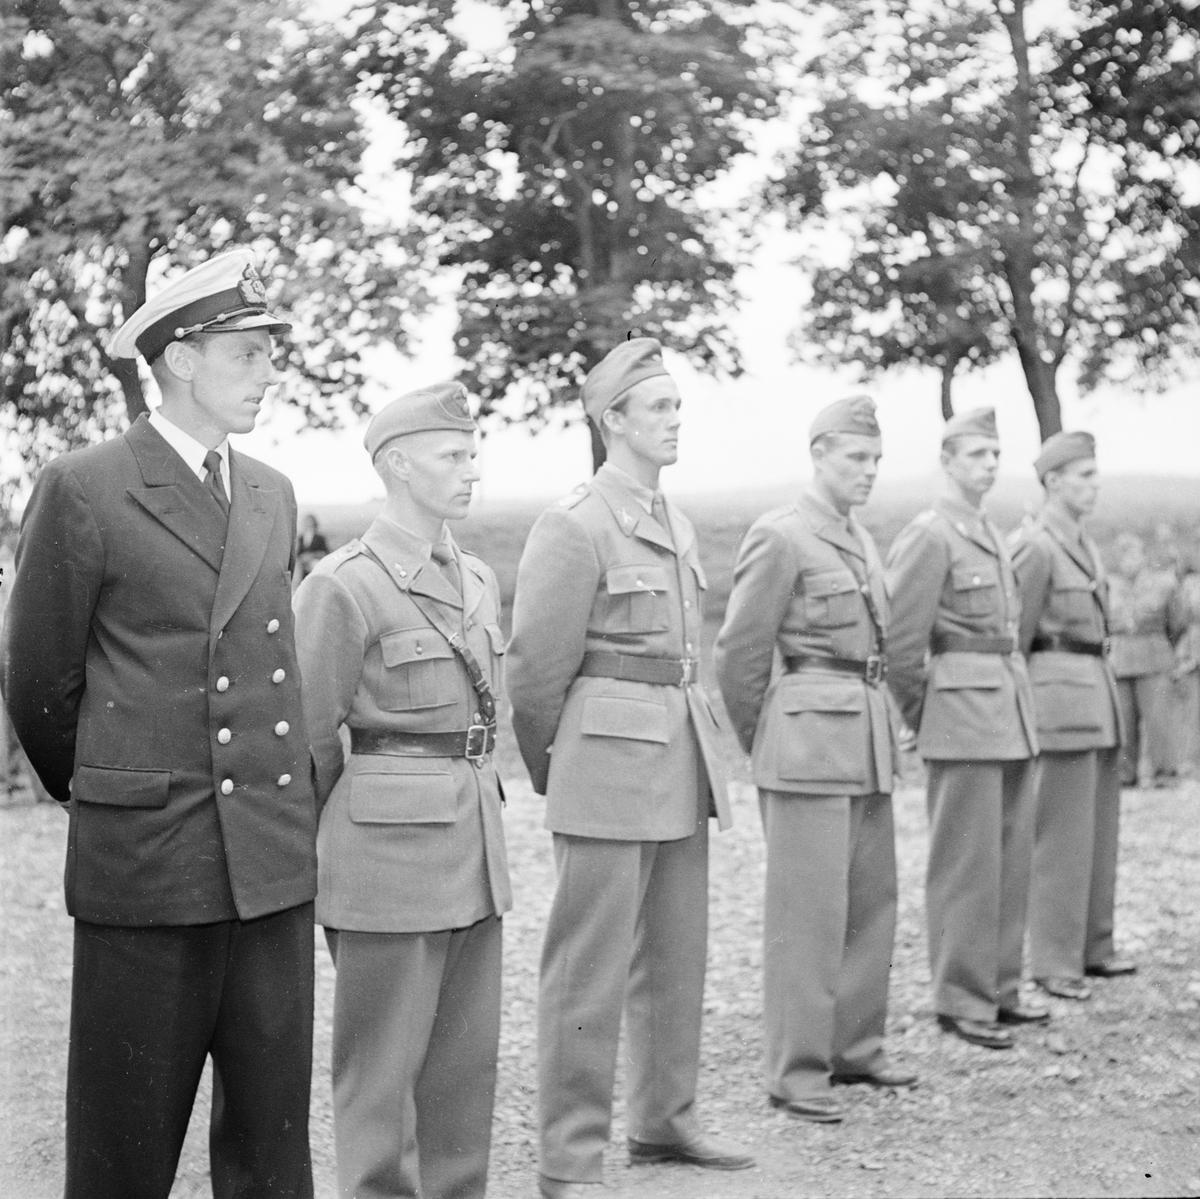 Militär femkamp, Uppsala, 1953